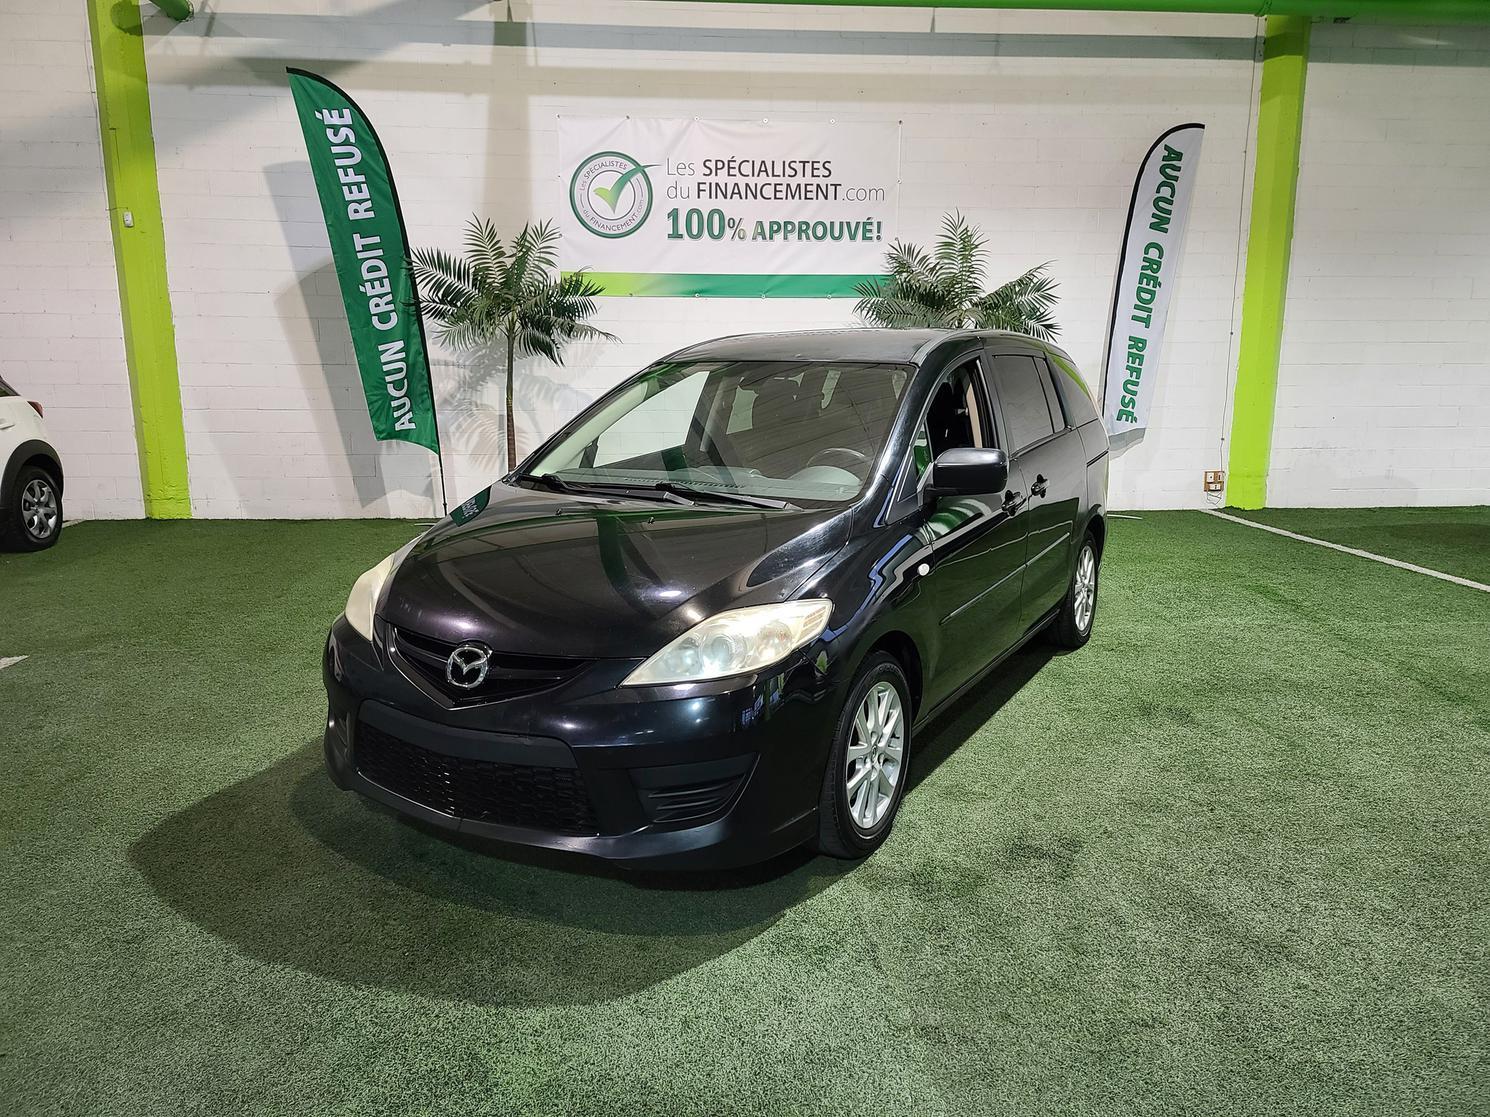 Mazda Mazda5 GS 2008 #3490-11